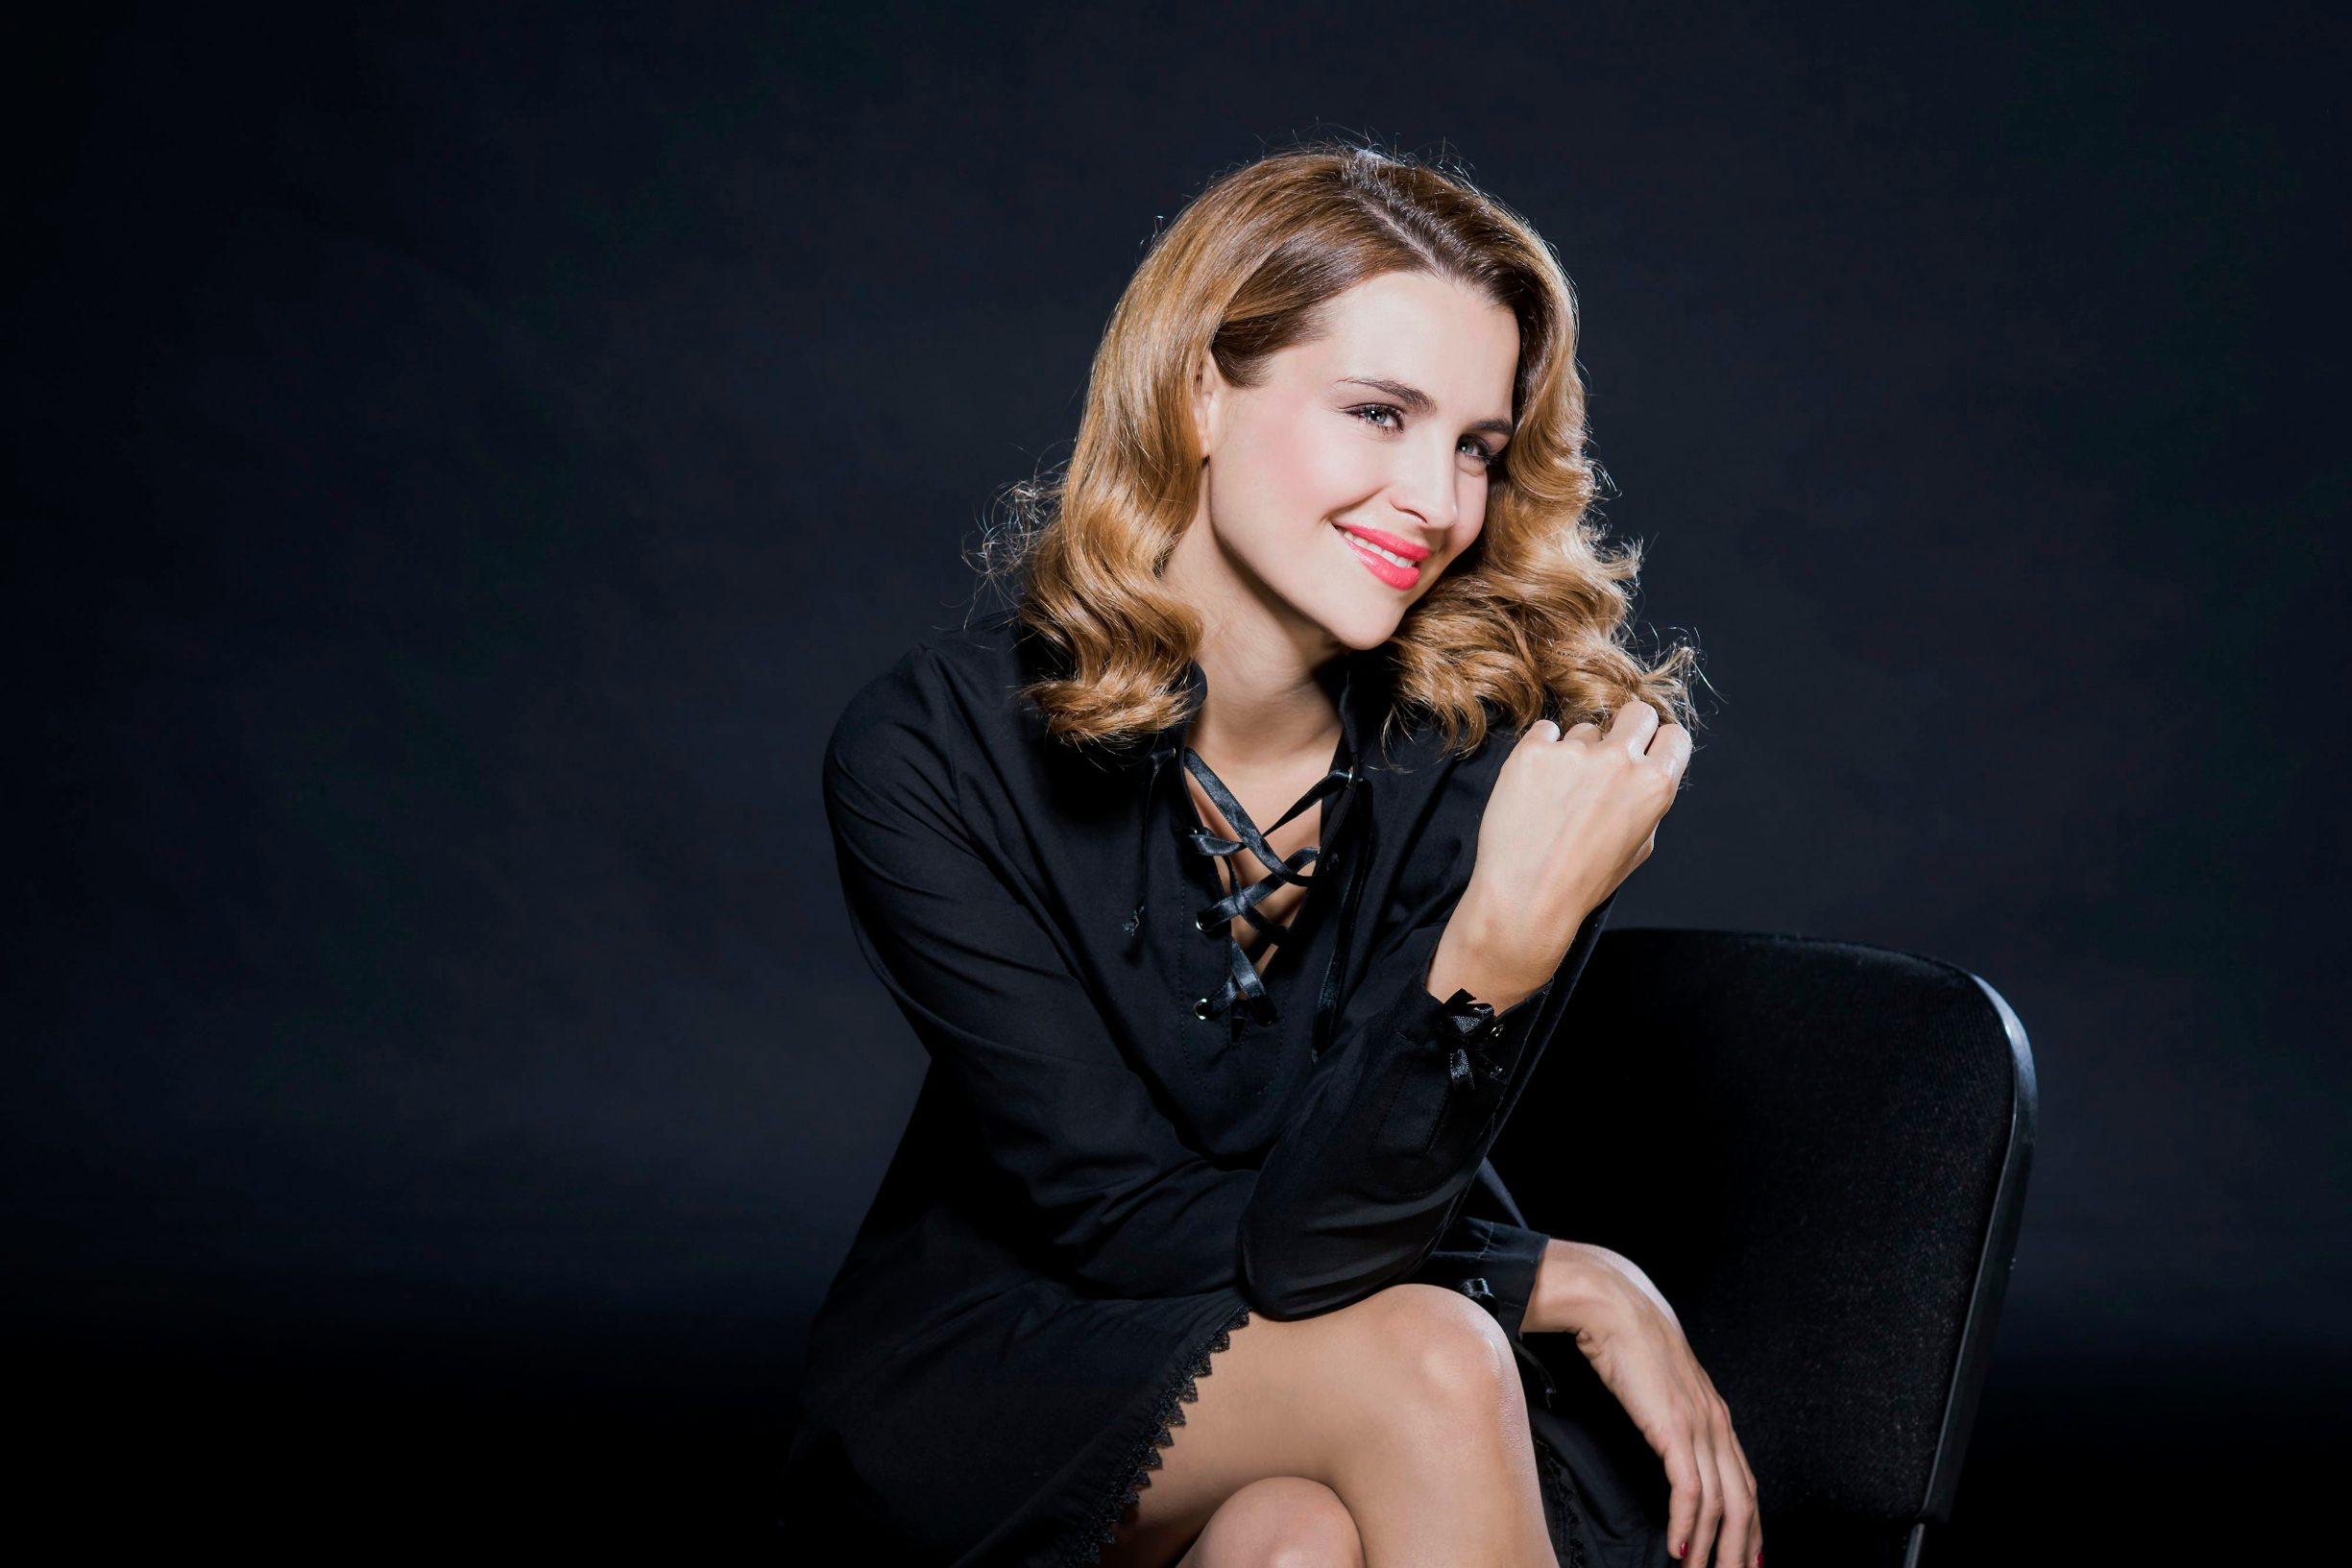 Doris Pinčić Rogoznica progovorila je o bolnoj temi koja ju je pratila u mladosti, sve dok se nije ostvarila kao majka.